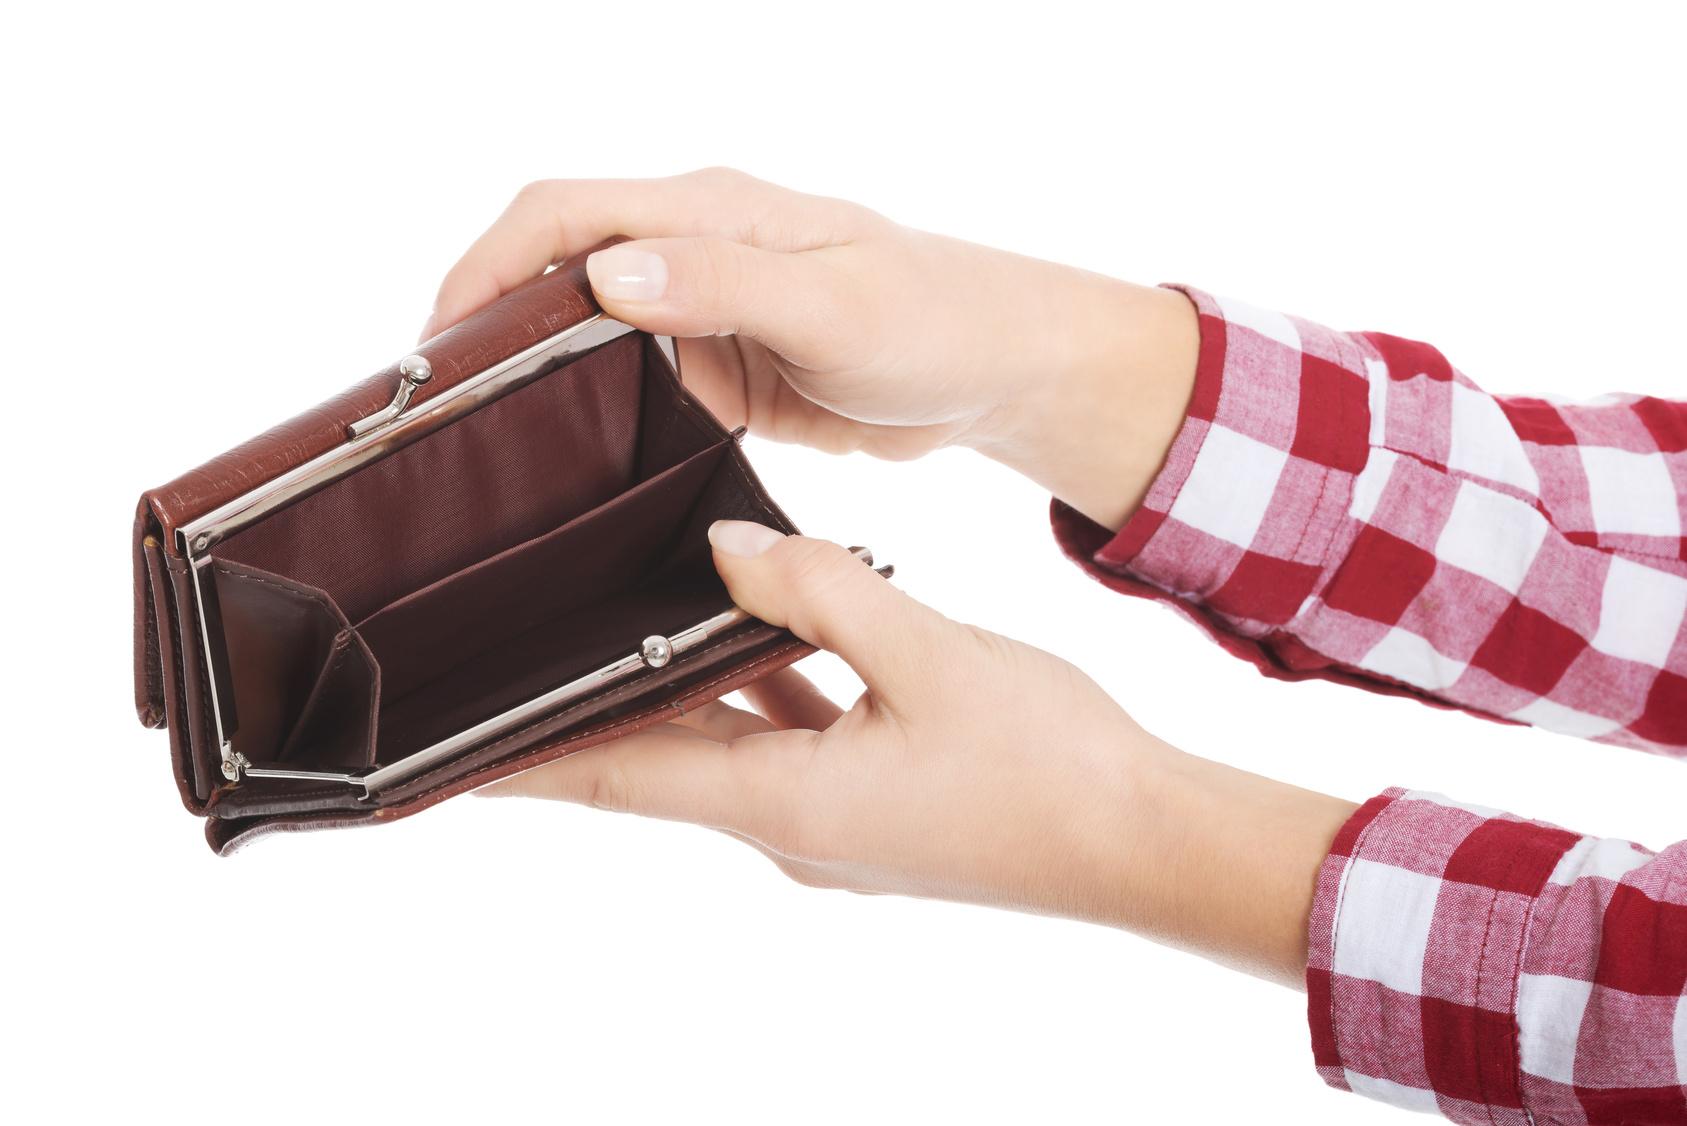 portfel bez pieniędzy